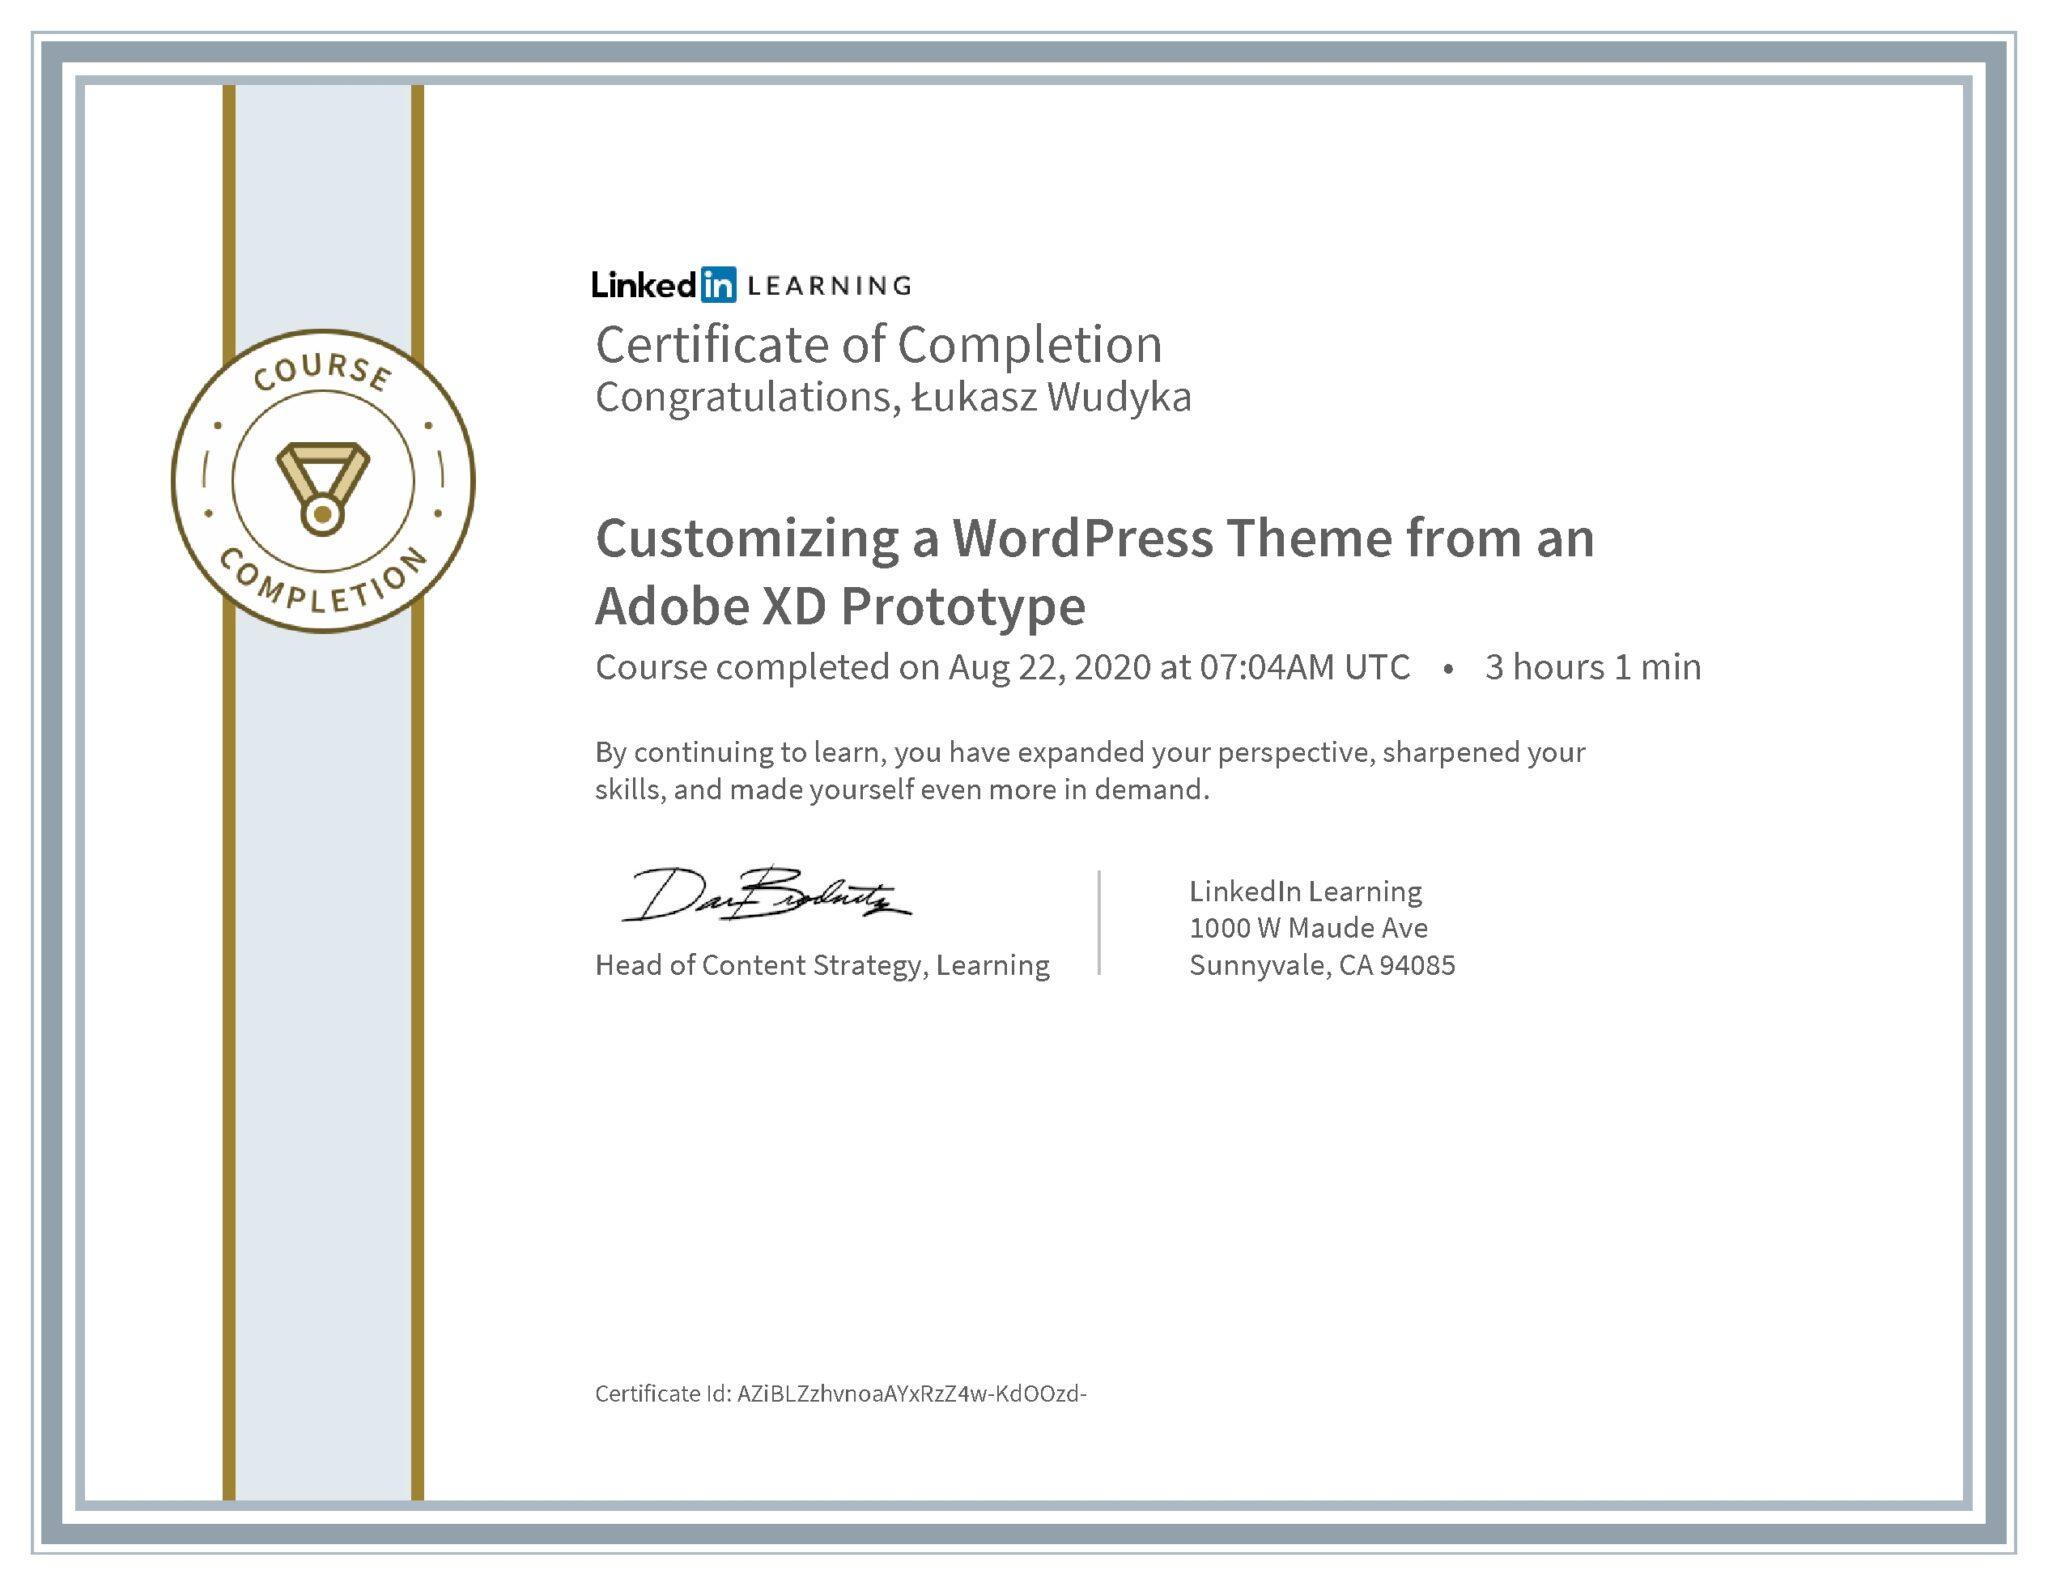 Łukasz Wudyka certyfikat LinkedIn Customizing a WordPress Theme from an Adobe XD Prototype